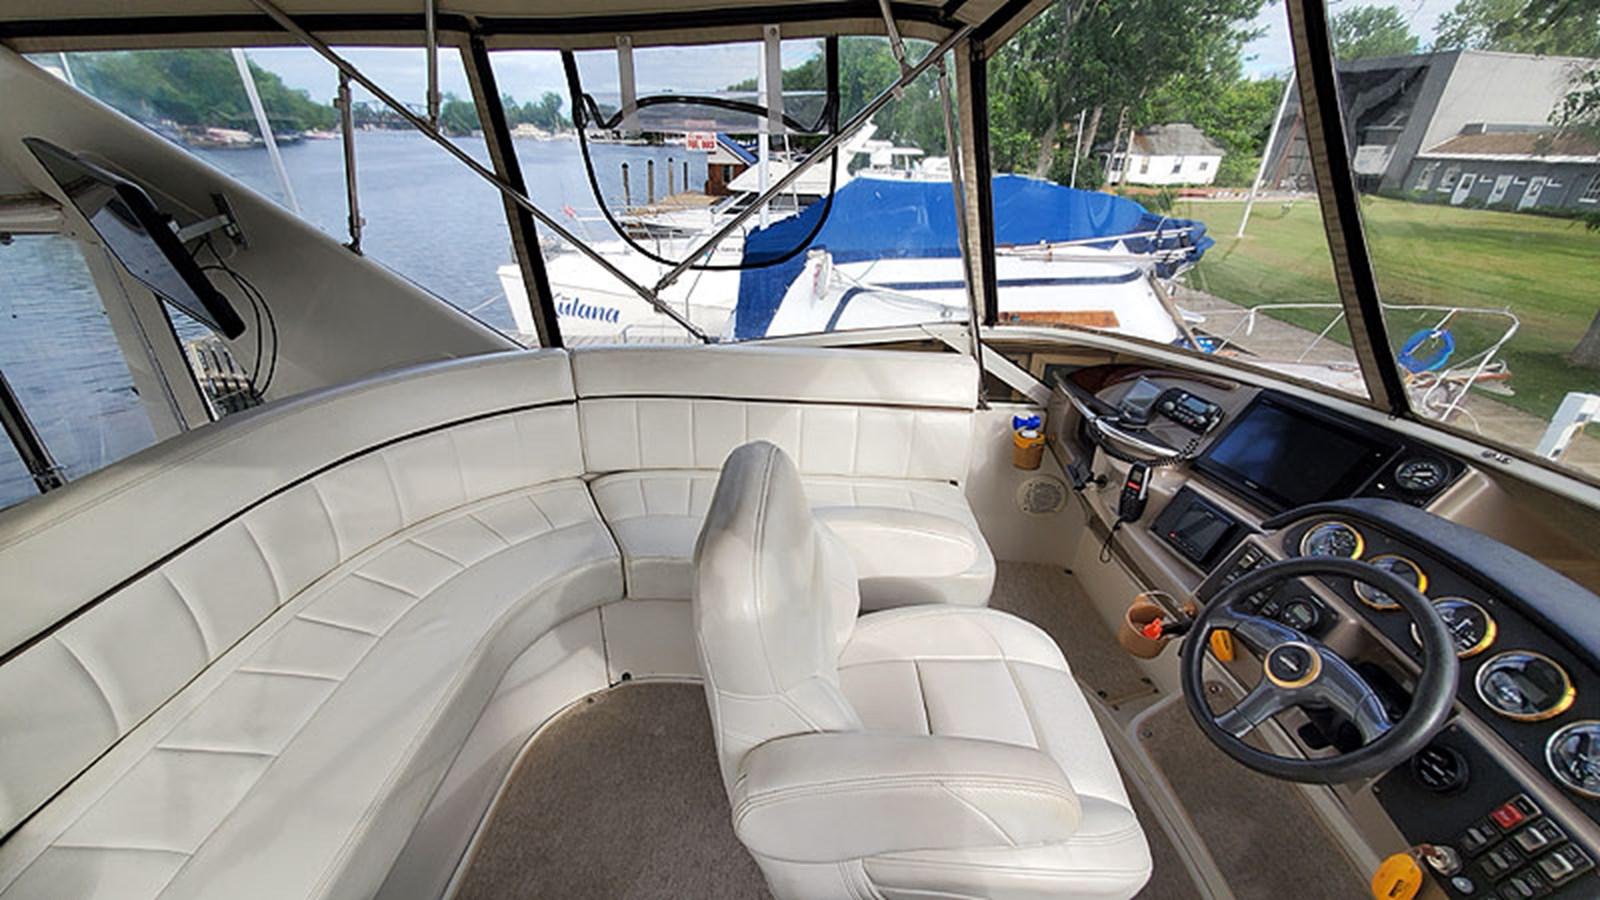 16FlybridgePort 2001 CARVER 444 Cockpit Motor Yacht Motor Yacht 2967609